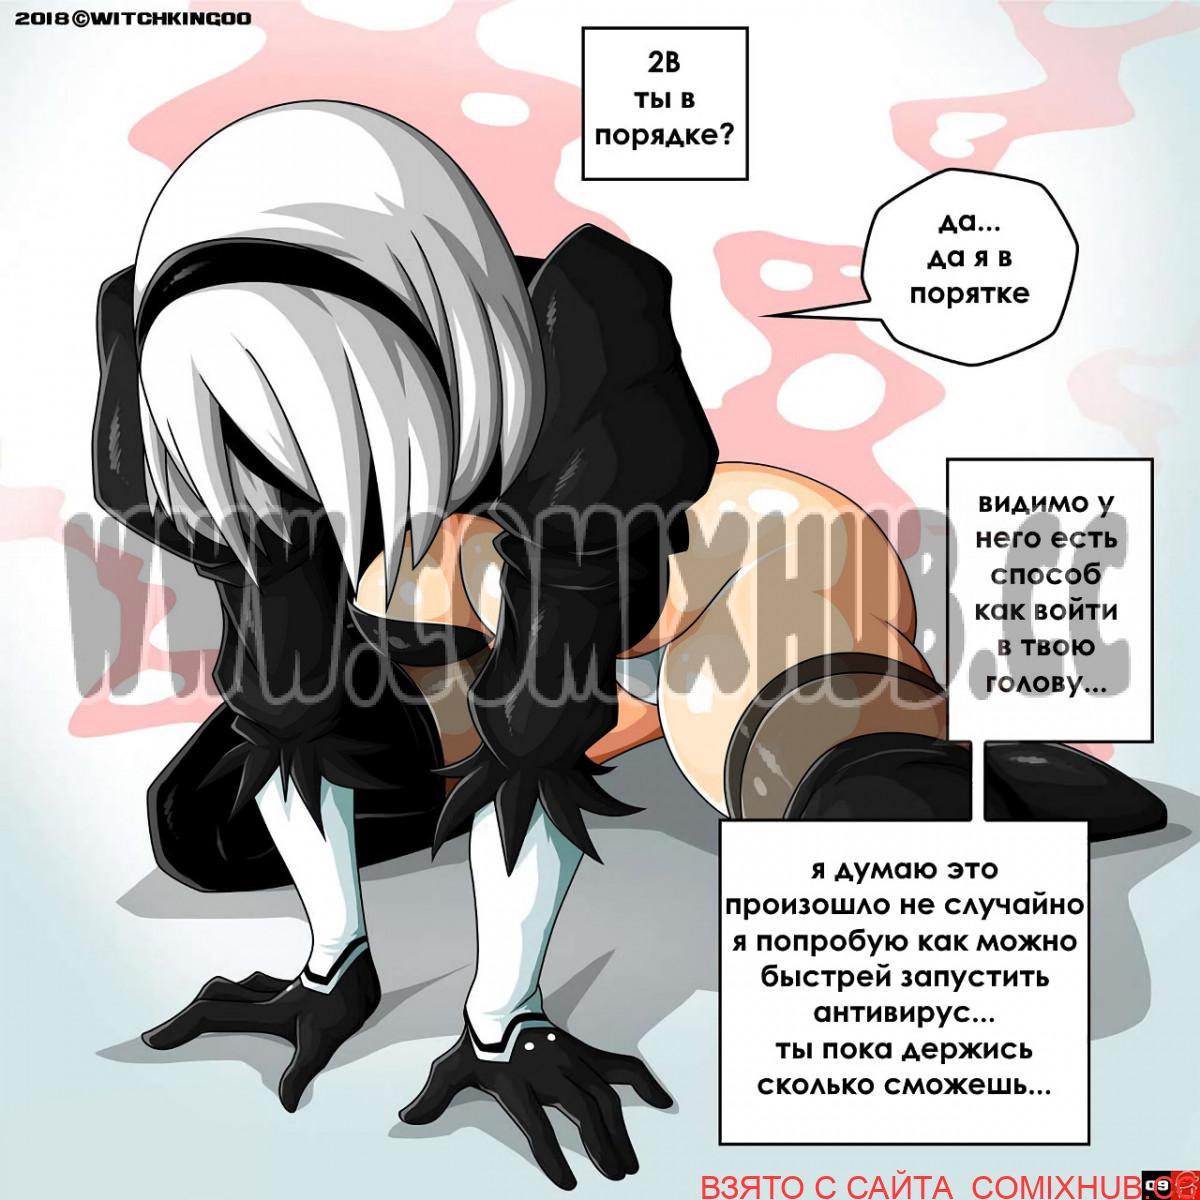 Nier Automata порно комиксы Без цензуры, Большая грудь, Большая попа, Большие члены, Групповой секс, Двойное проникновение, Лесбиянки, По играм